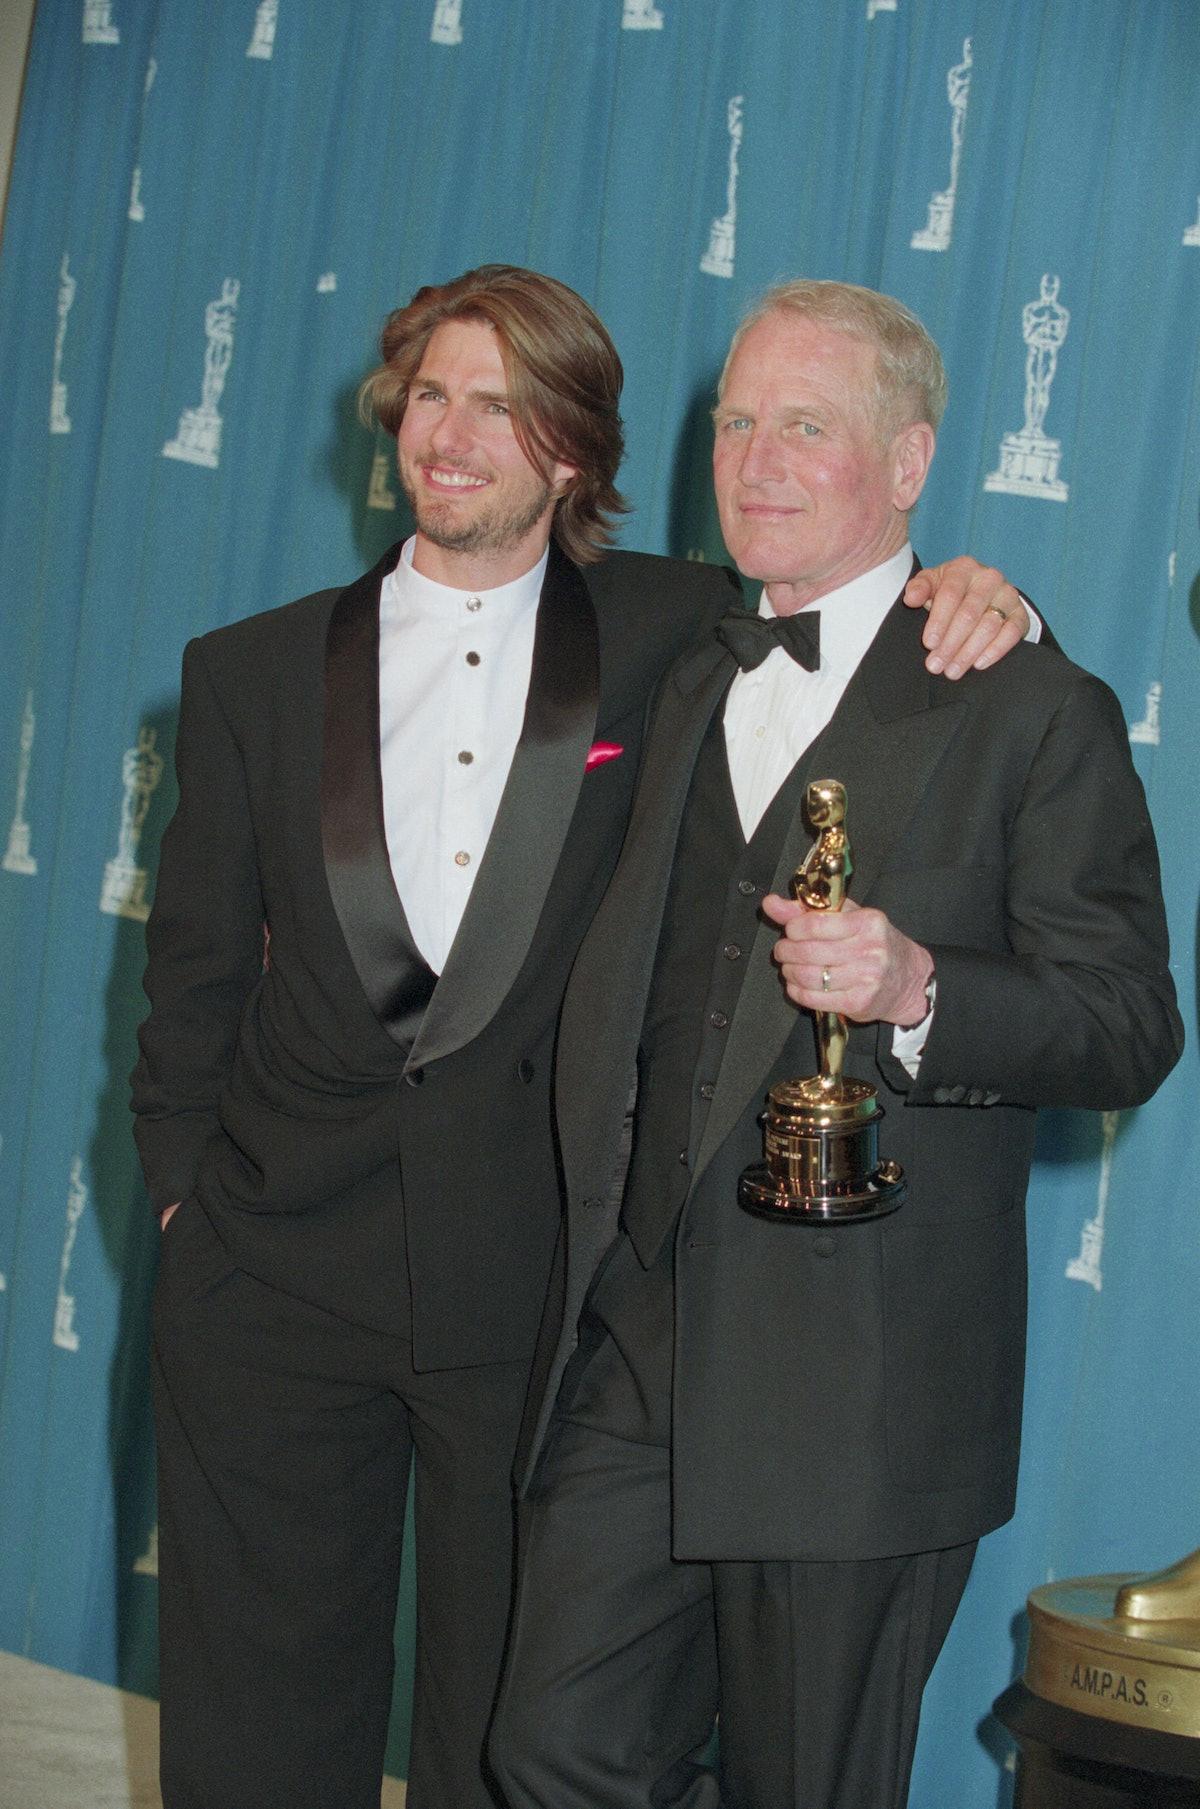 Tom Cruise with Paul Newman Holding an Oscar